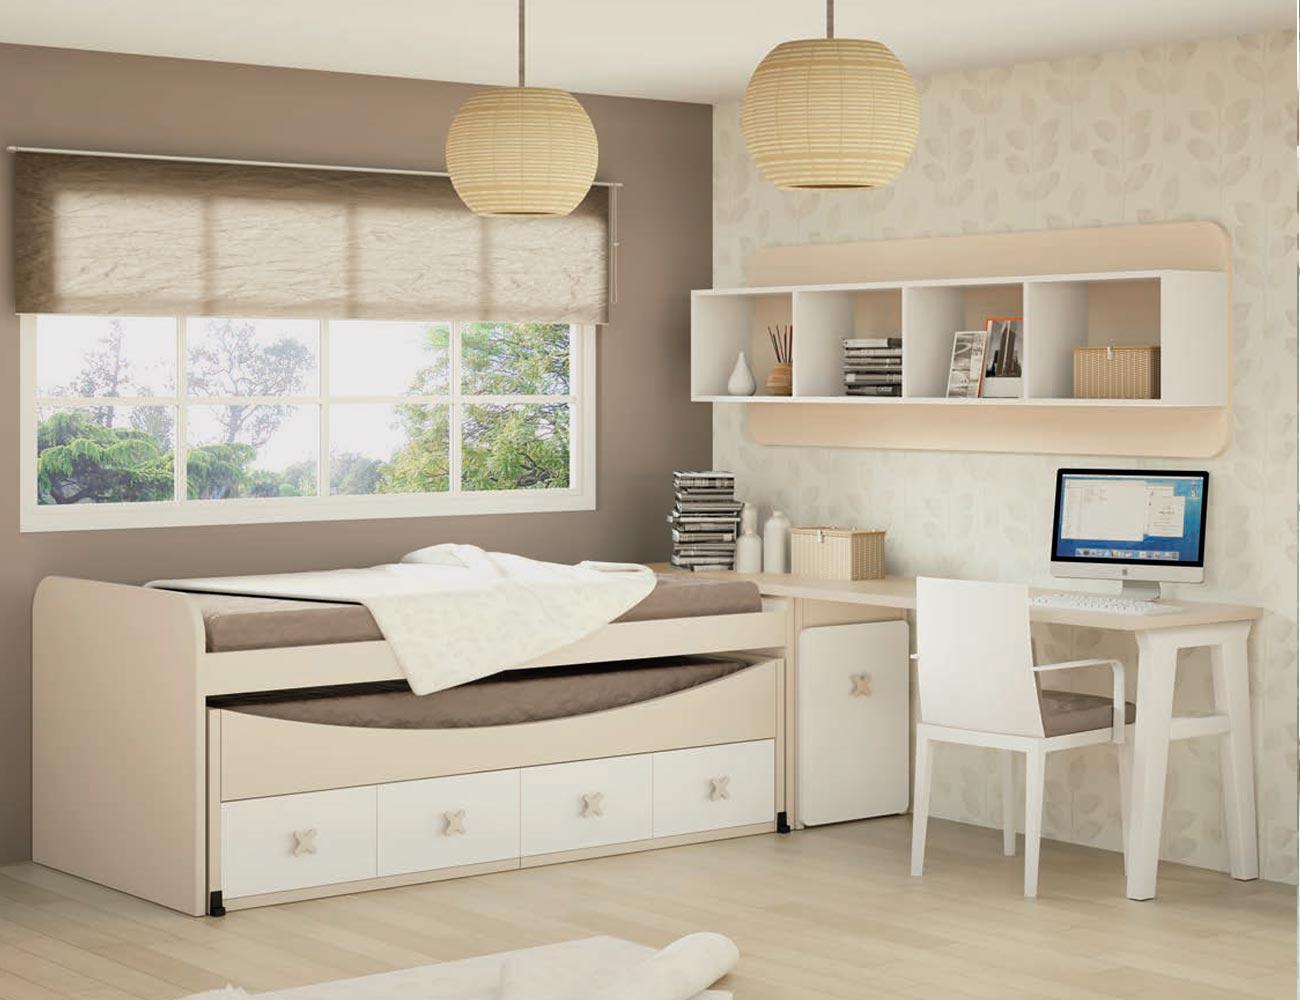 Dormitorio juvenil en madera con cama nido y zona de for Cama nido dormitorio juvenil